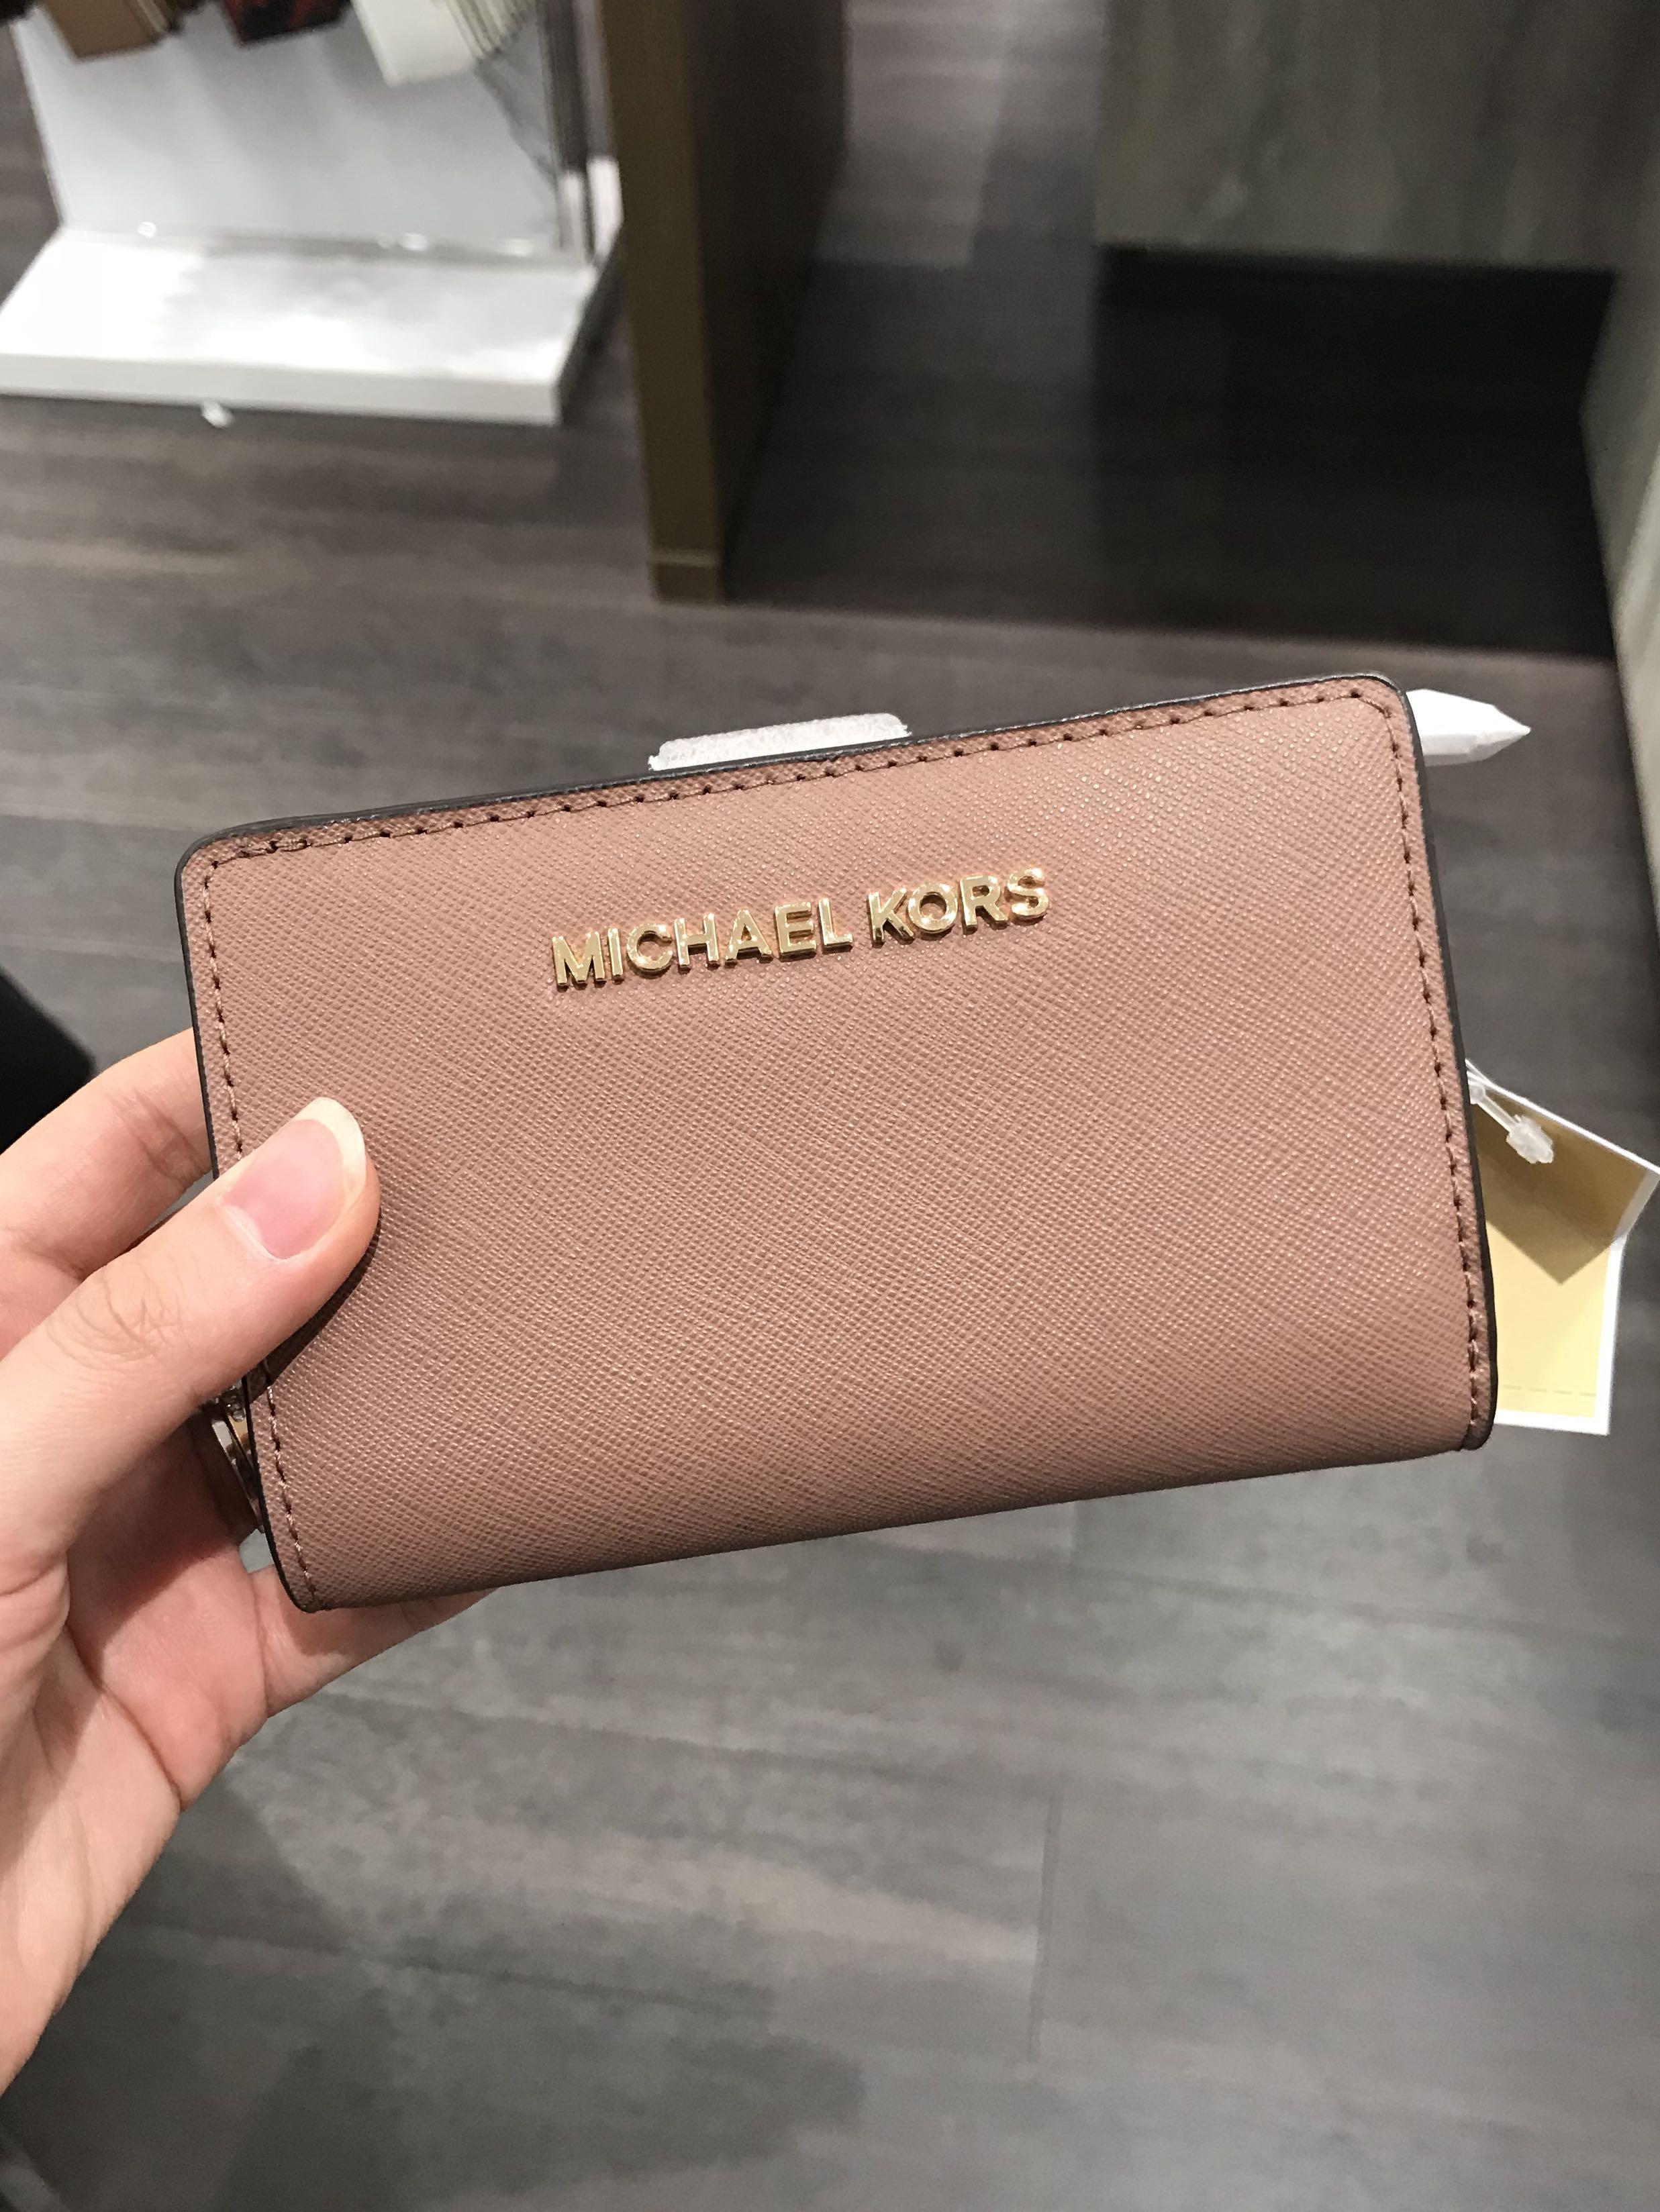 c9d8ea0131facf Michael Kors Jet Set Travel Bifold Wallet Dusty Rose, Women's Fashion, Bags  & Wallets, Wallets on Carousell